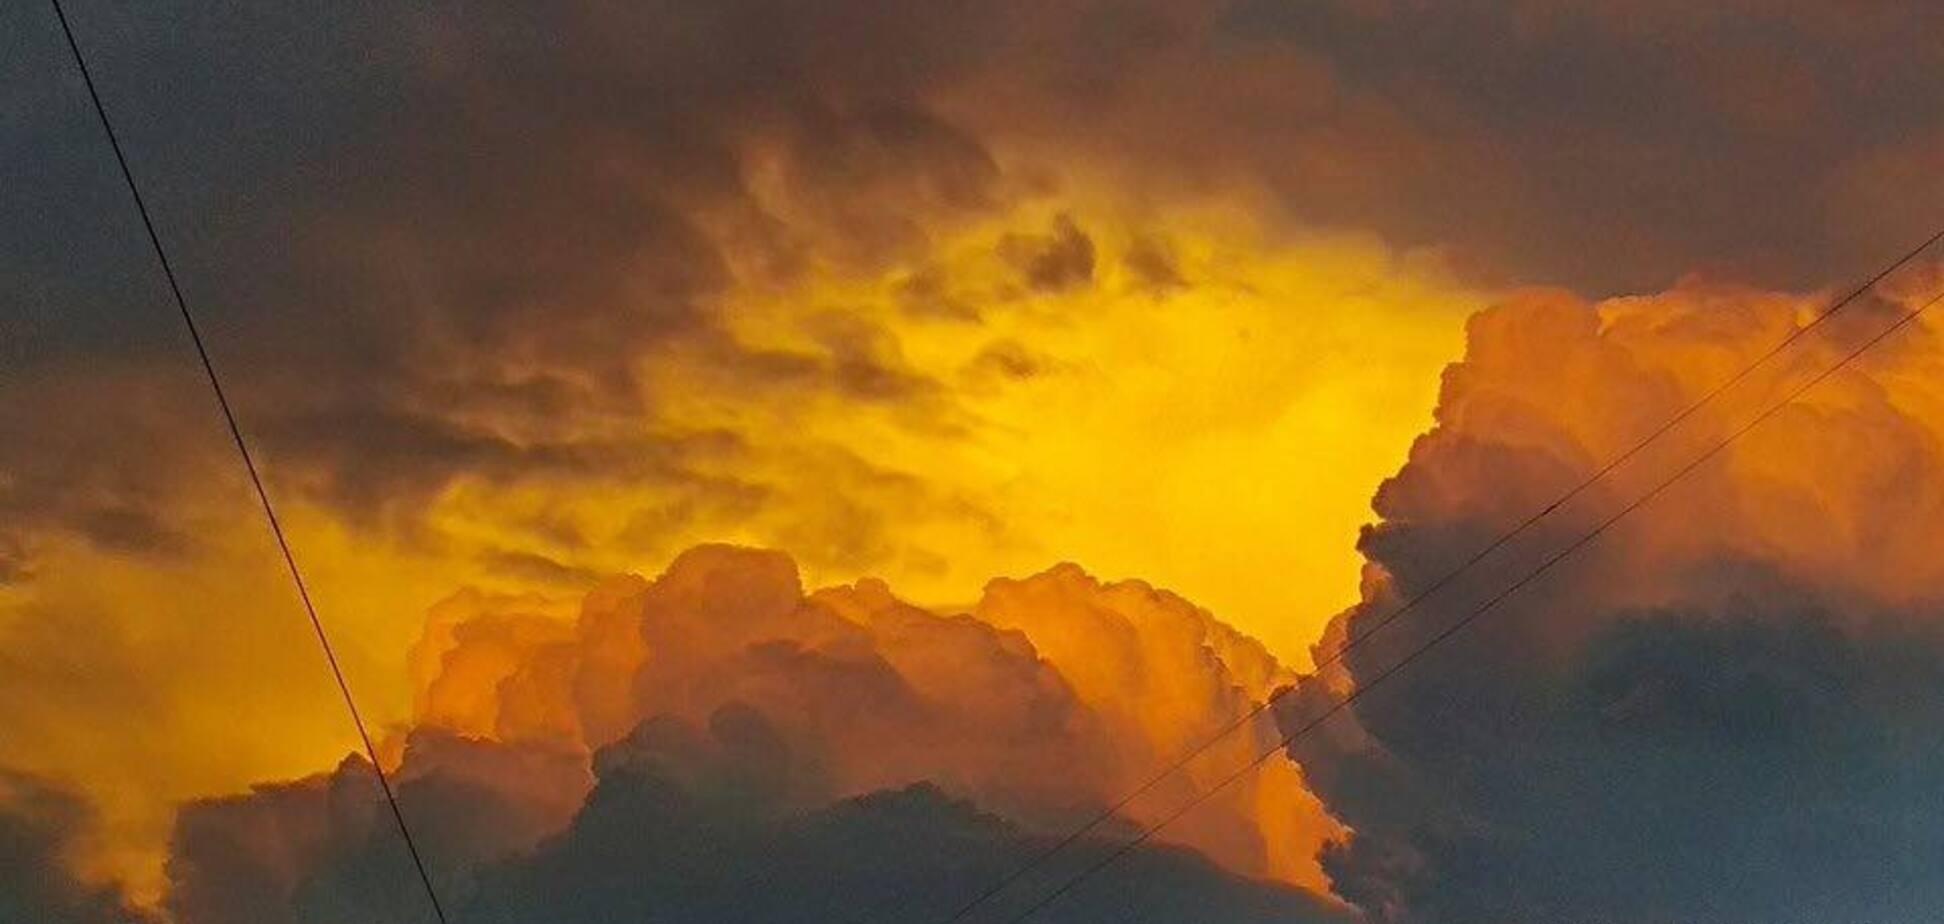 Похоже на конец света: в сети показали пугающие кадры бури в Тернополе